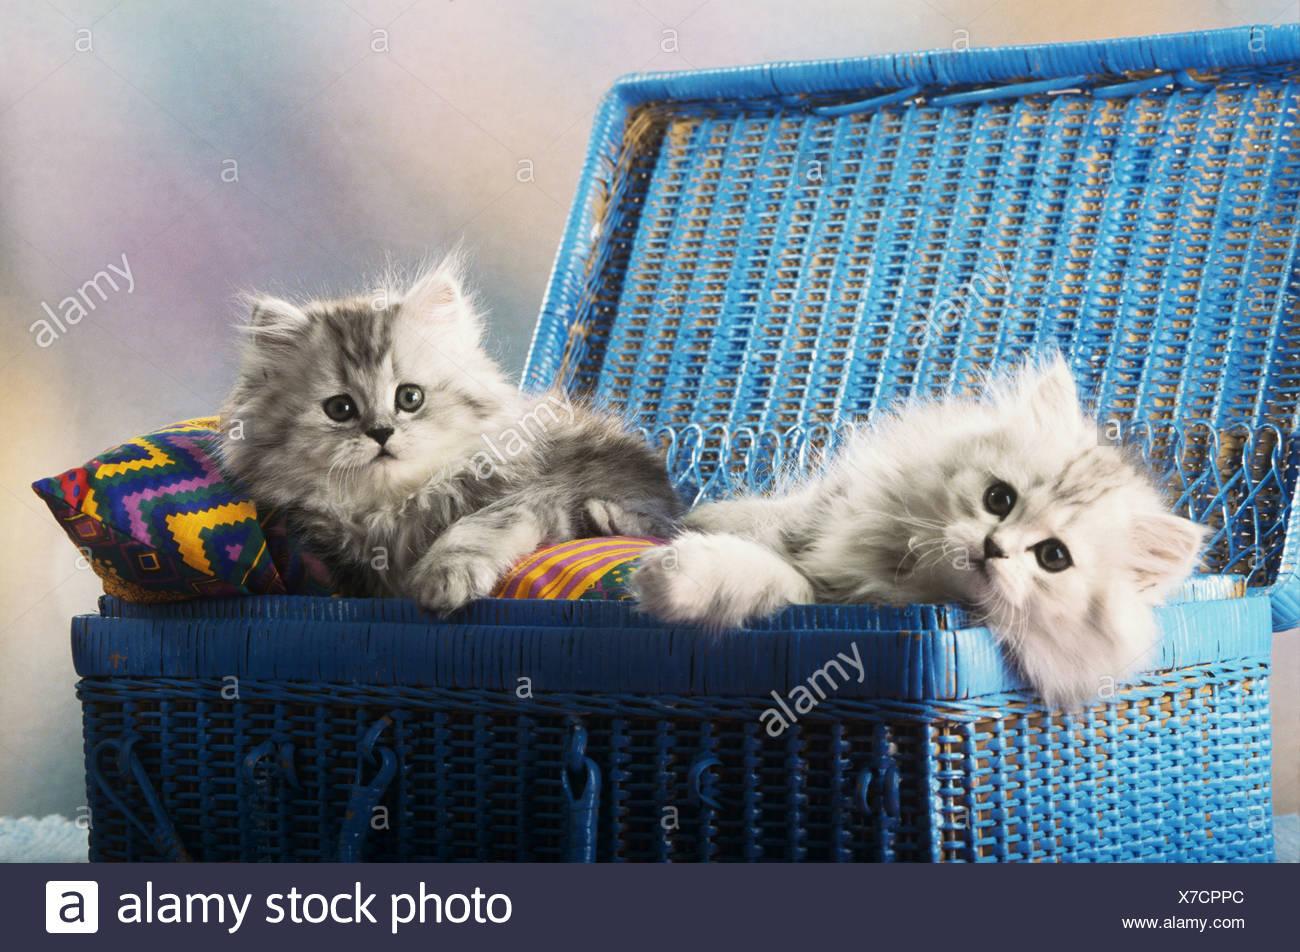 zwei junge persische Katzen im Korb liegen Stockbild